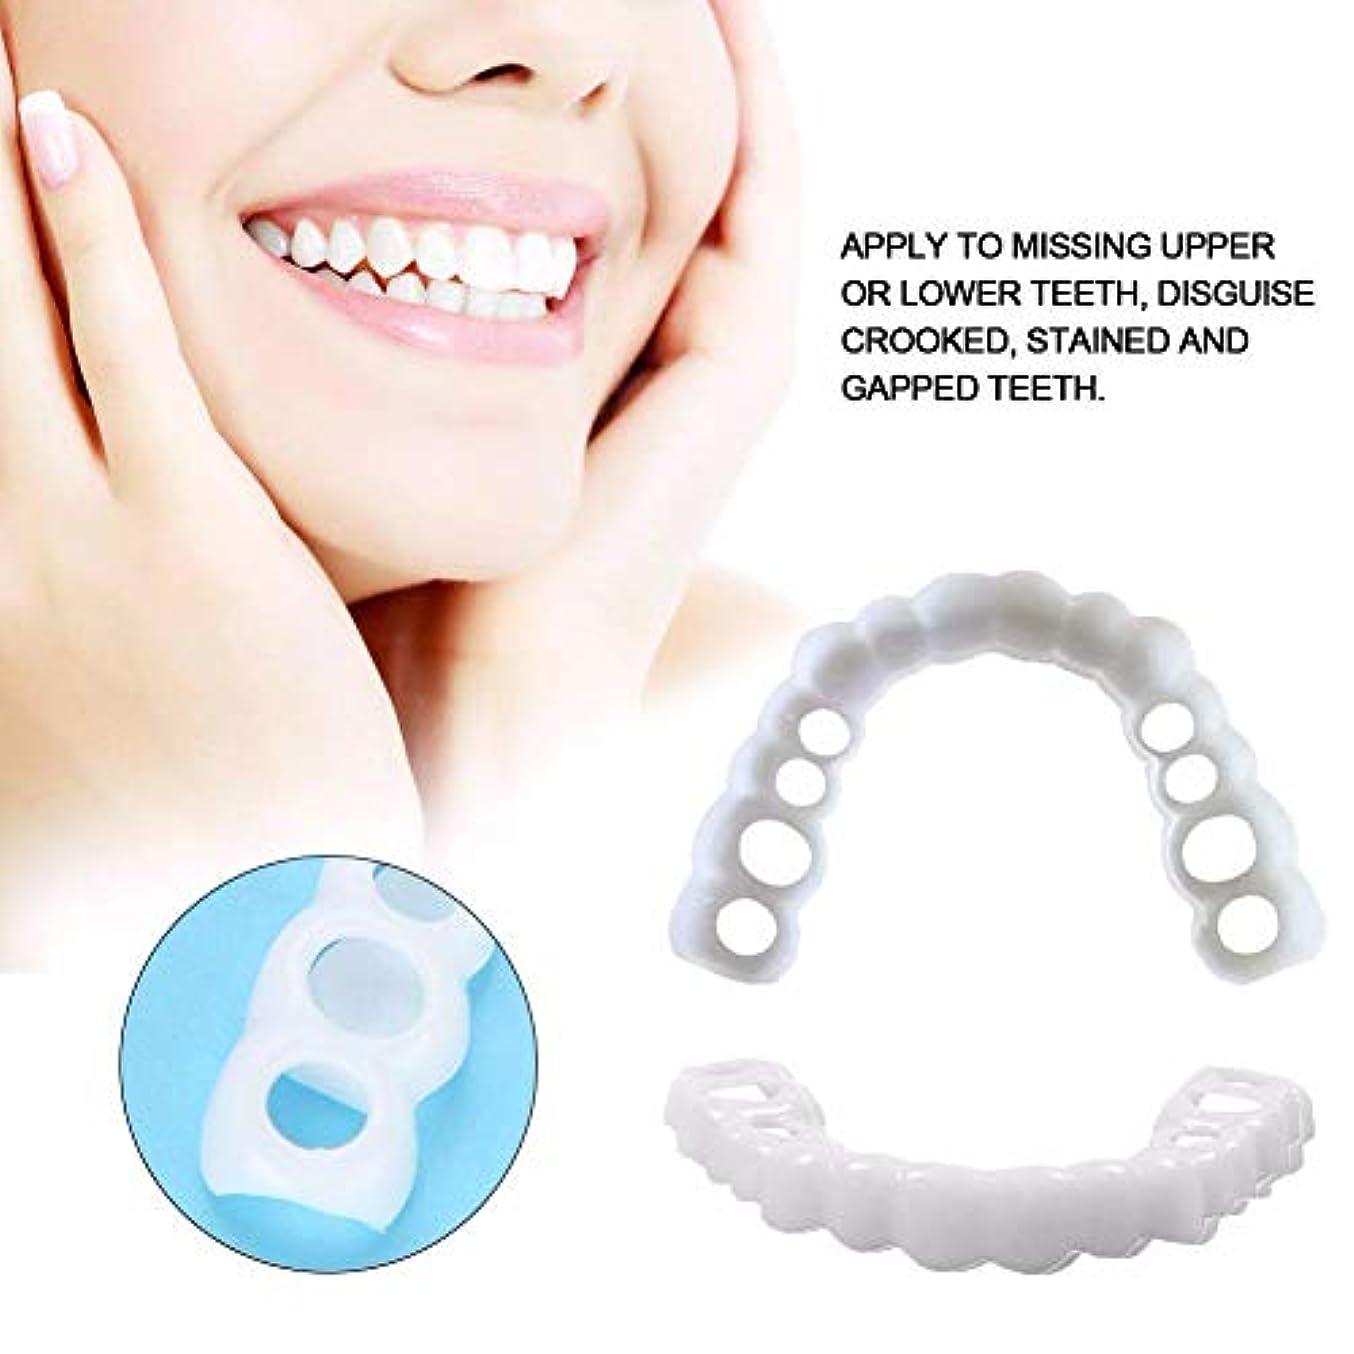 まつげ汚すより平らな男性用化粧品パーフェクトスマイルトップとボトムの快適な偽歯スナップホワイトニング義歯ホワイトニング義歯(2pcs)